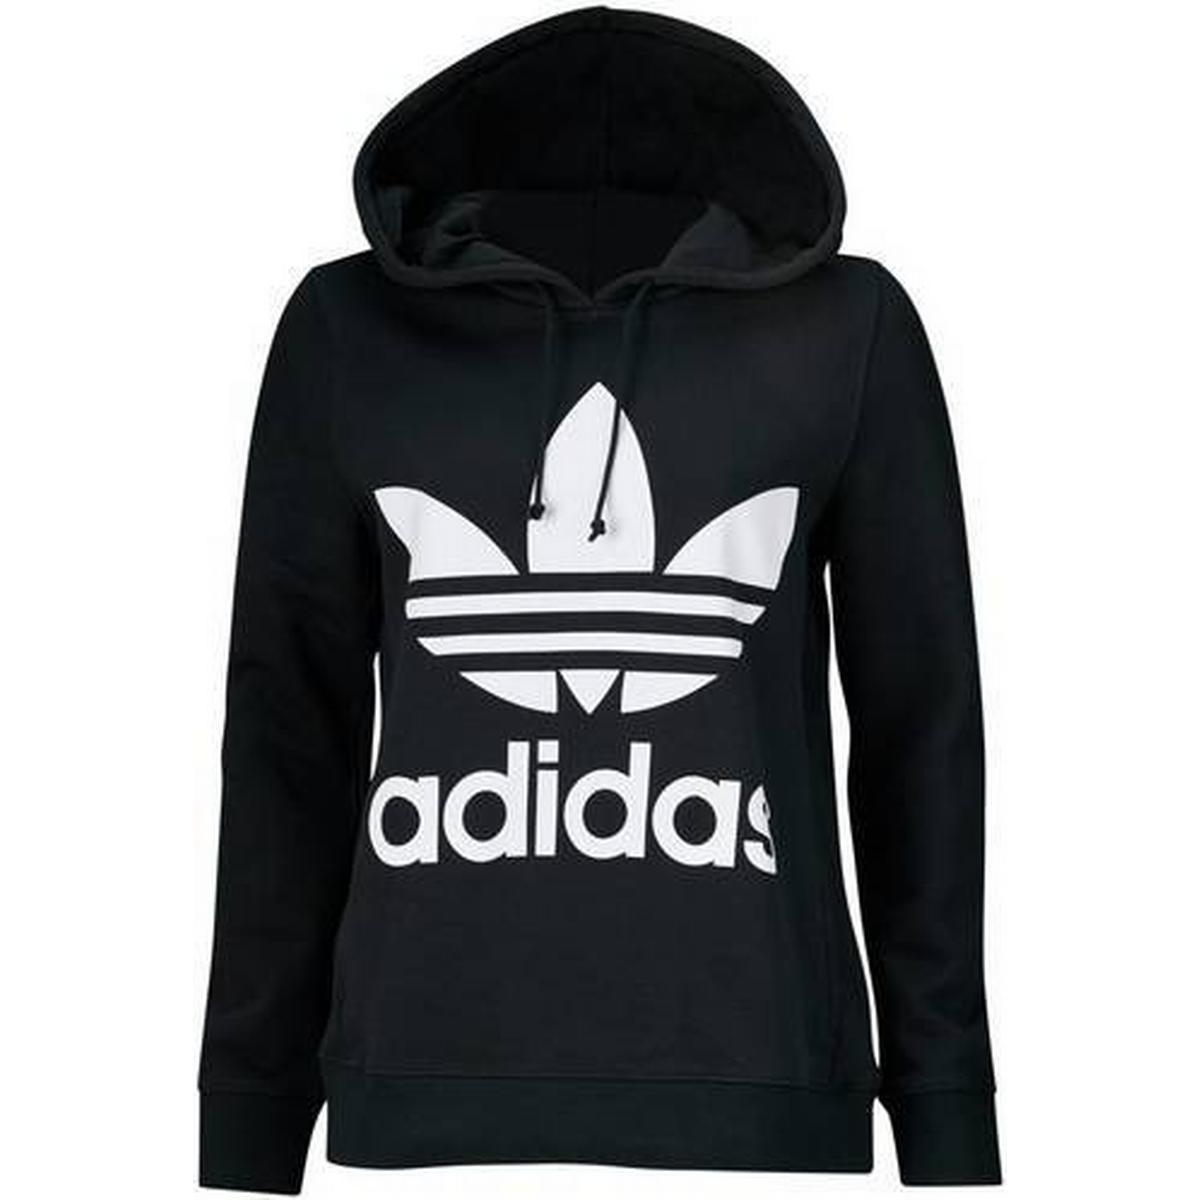 Adidas hoodie dam Damkläder • Hitta lägsta pris hos